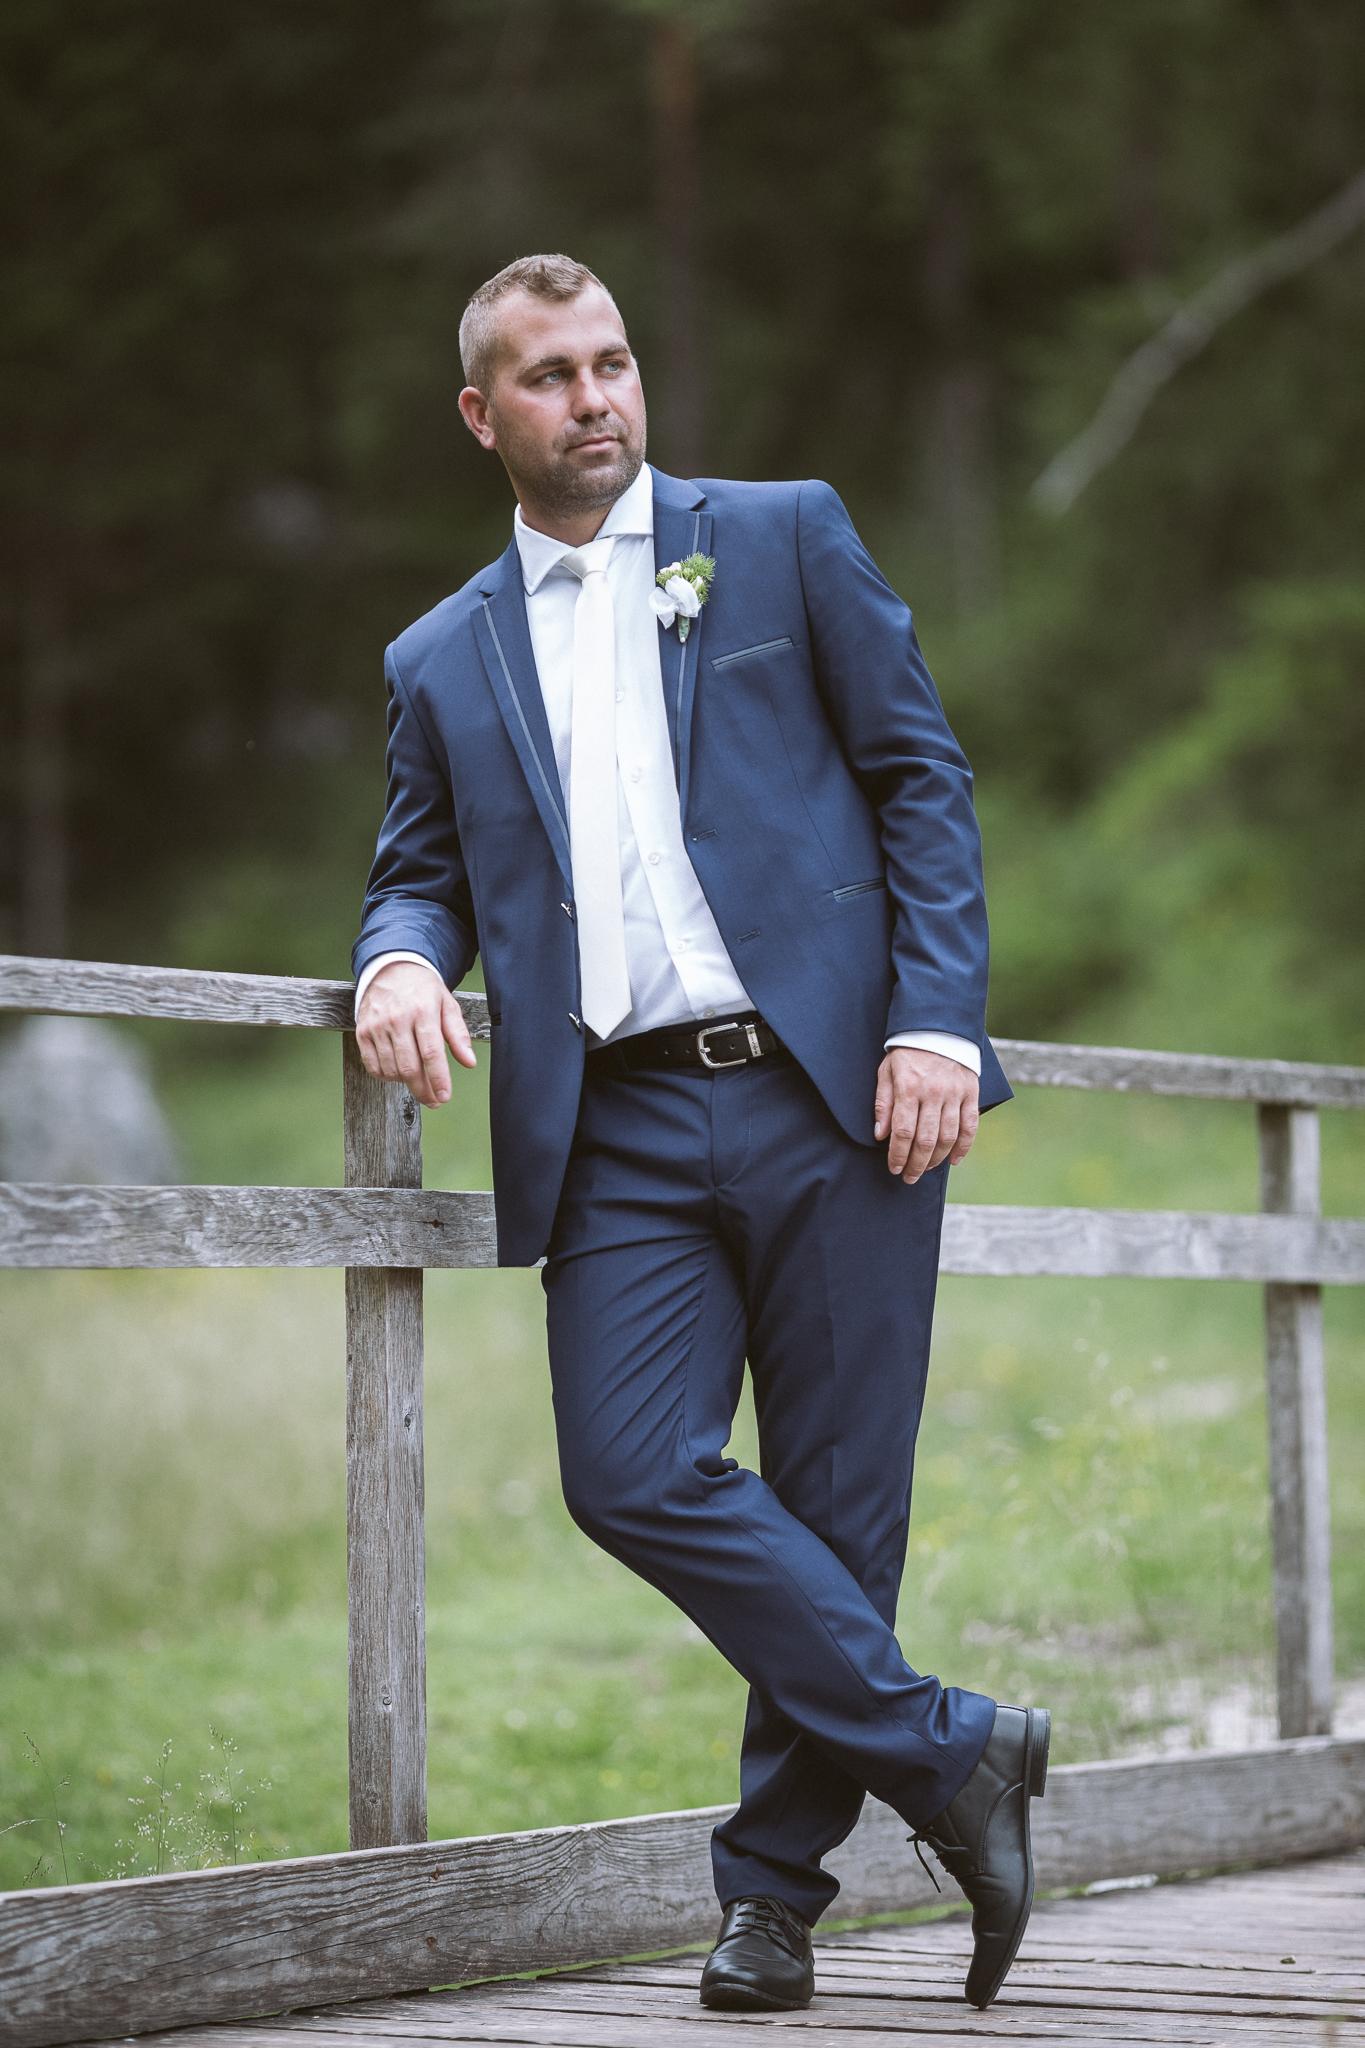 FylepPhoto, esküvőfotózás, magyarország, esküvői fotós, vasmegye, prémium, jegyesfotózás, Fülöp Péter, körmend, kreatív, grüner see_17.jpg